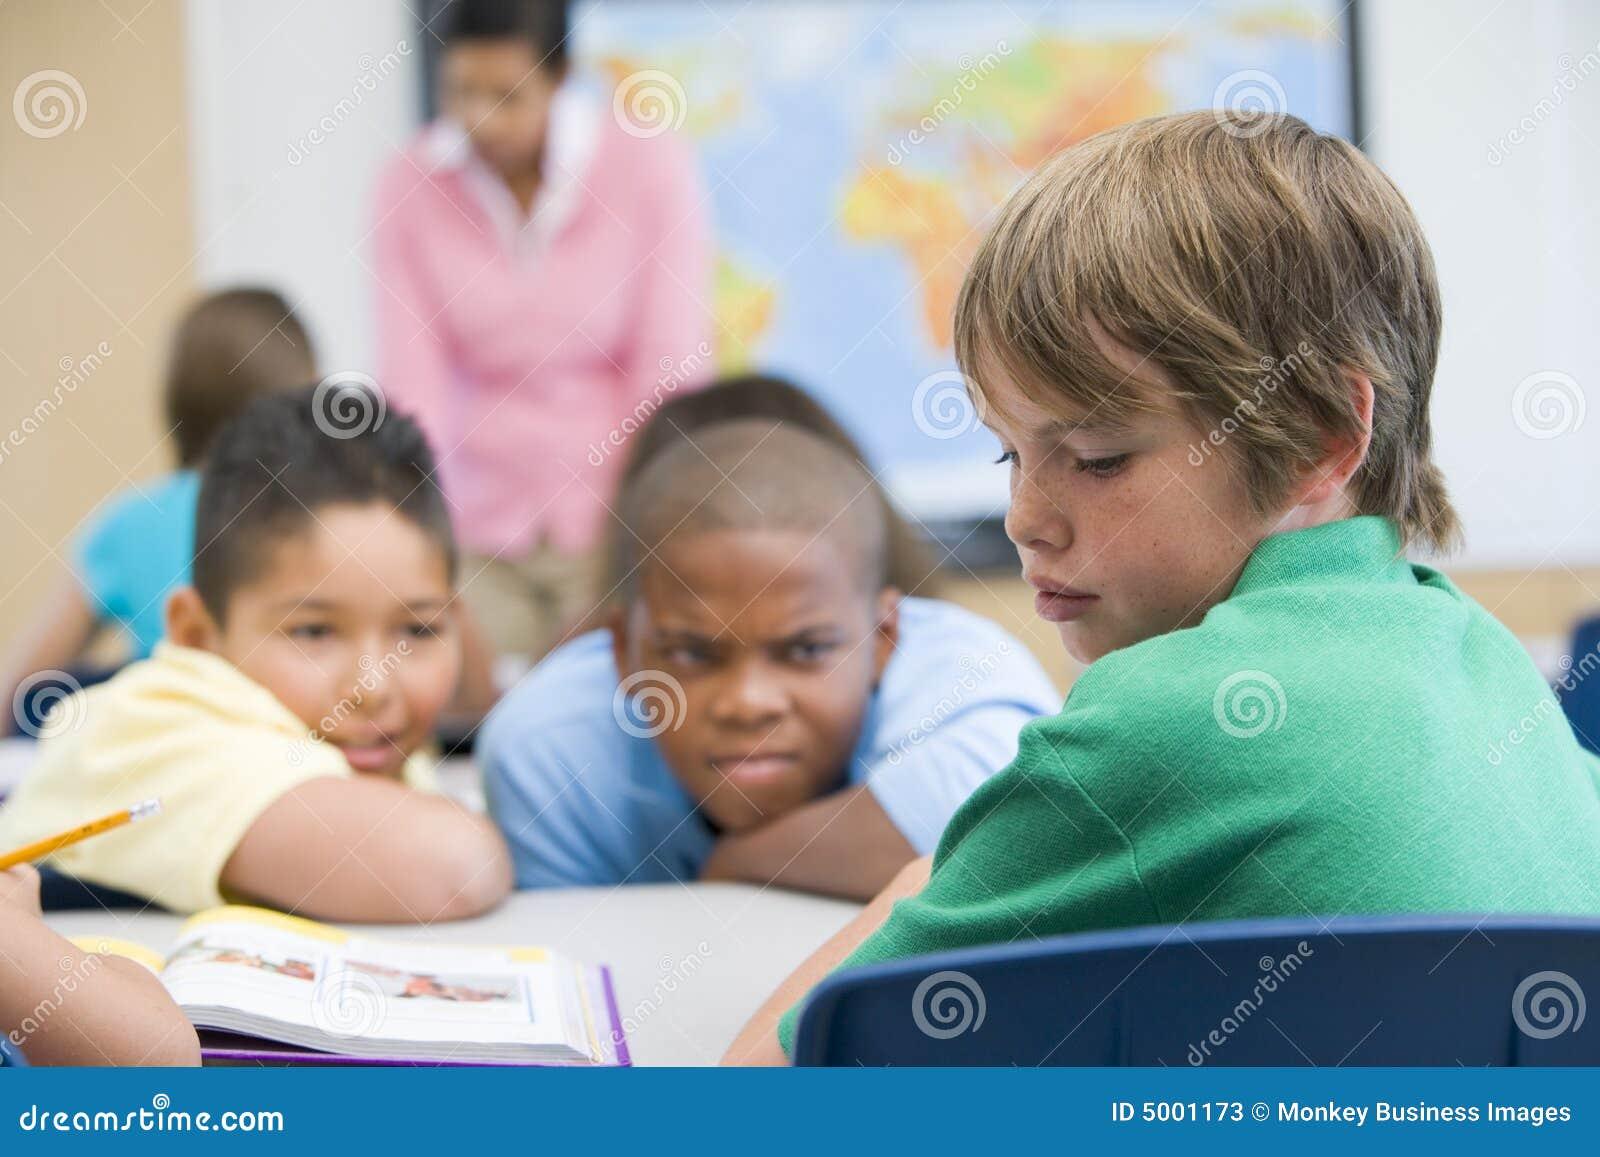 A personal dream of becoming an elementary school teacher